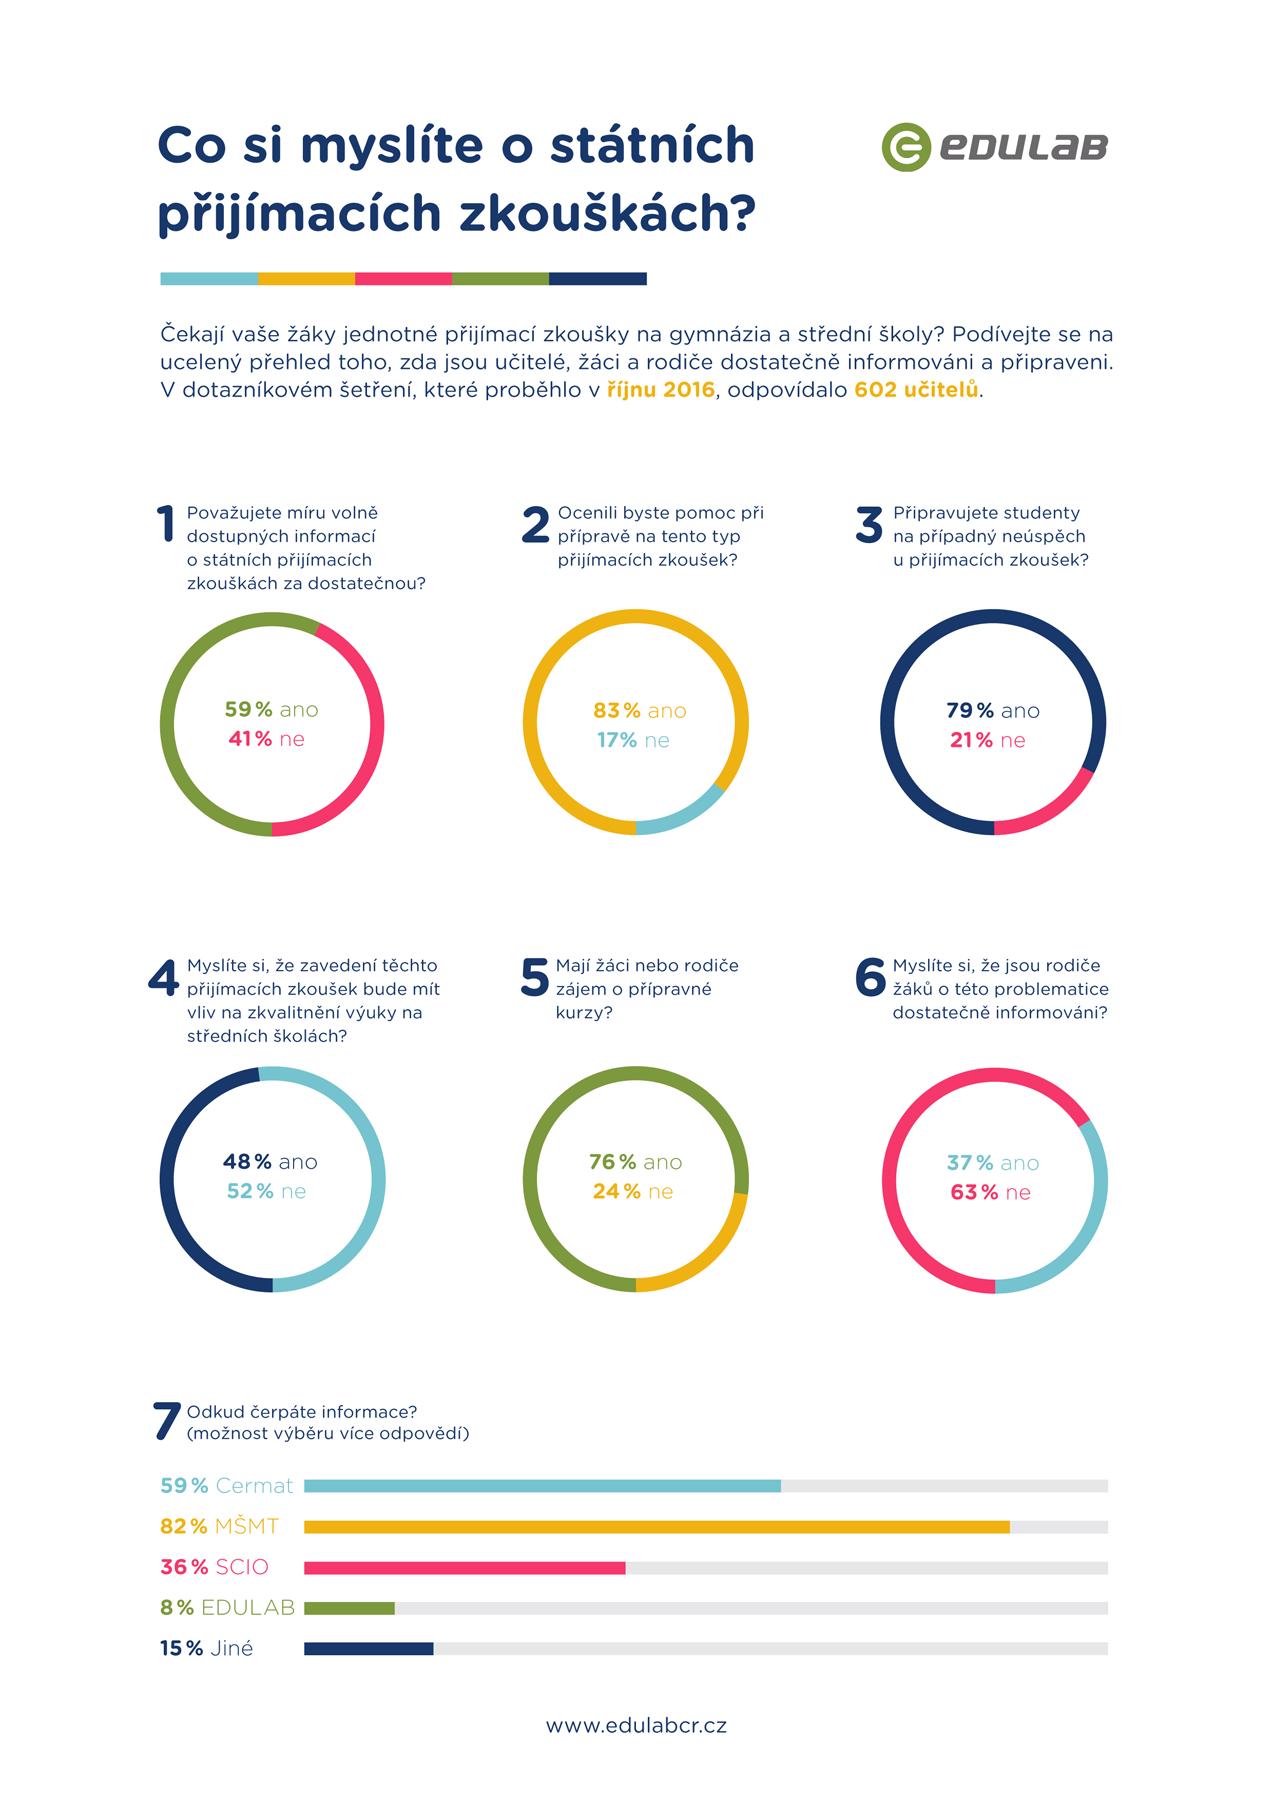 infografika_co_si_myslite_o_statnich_prijimacich_zkouskach